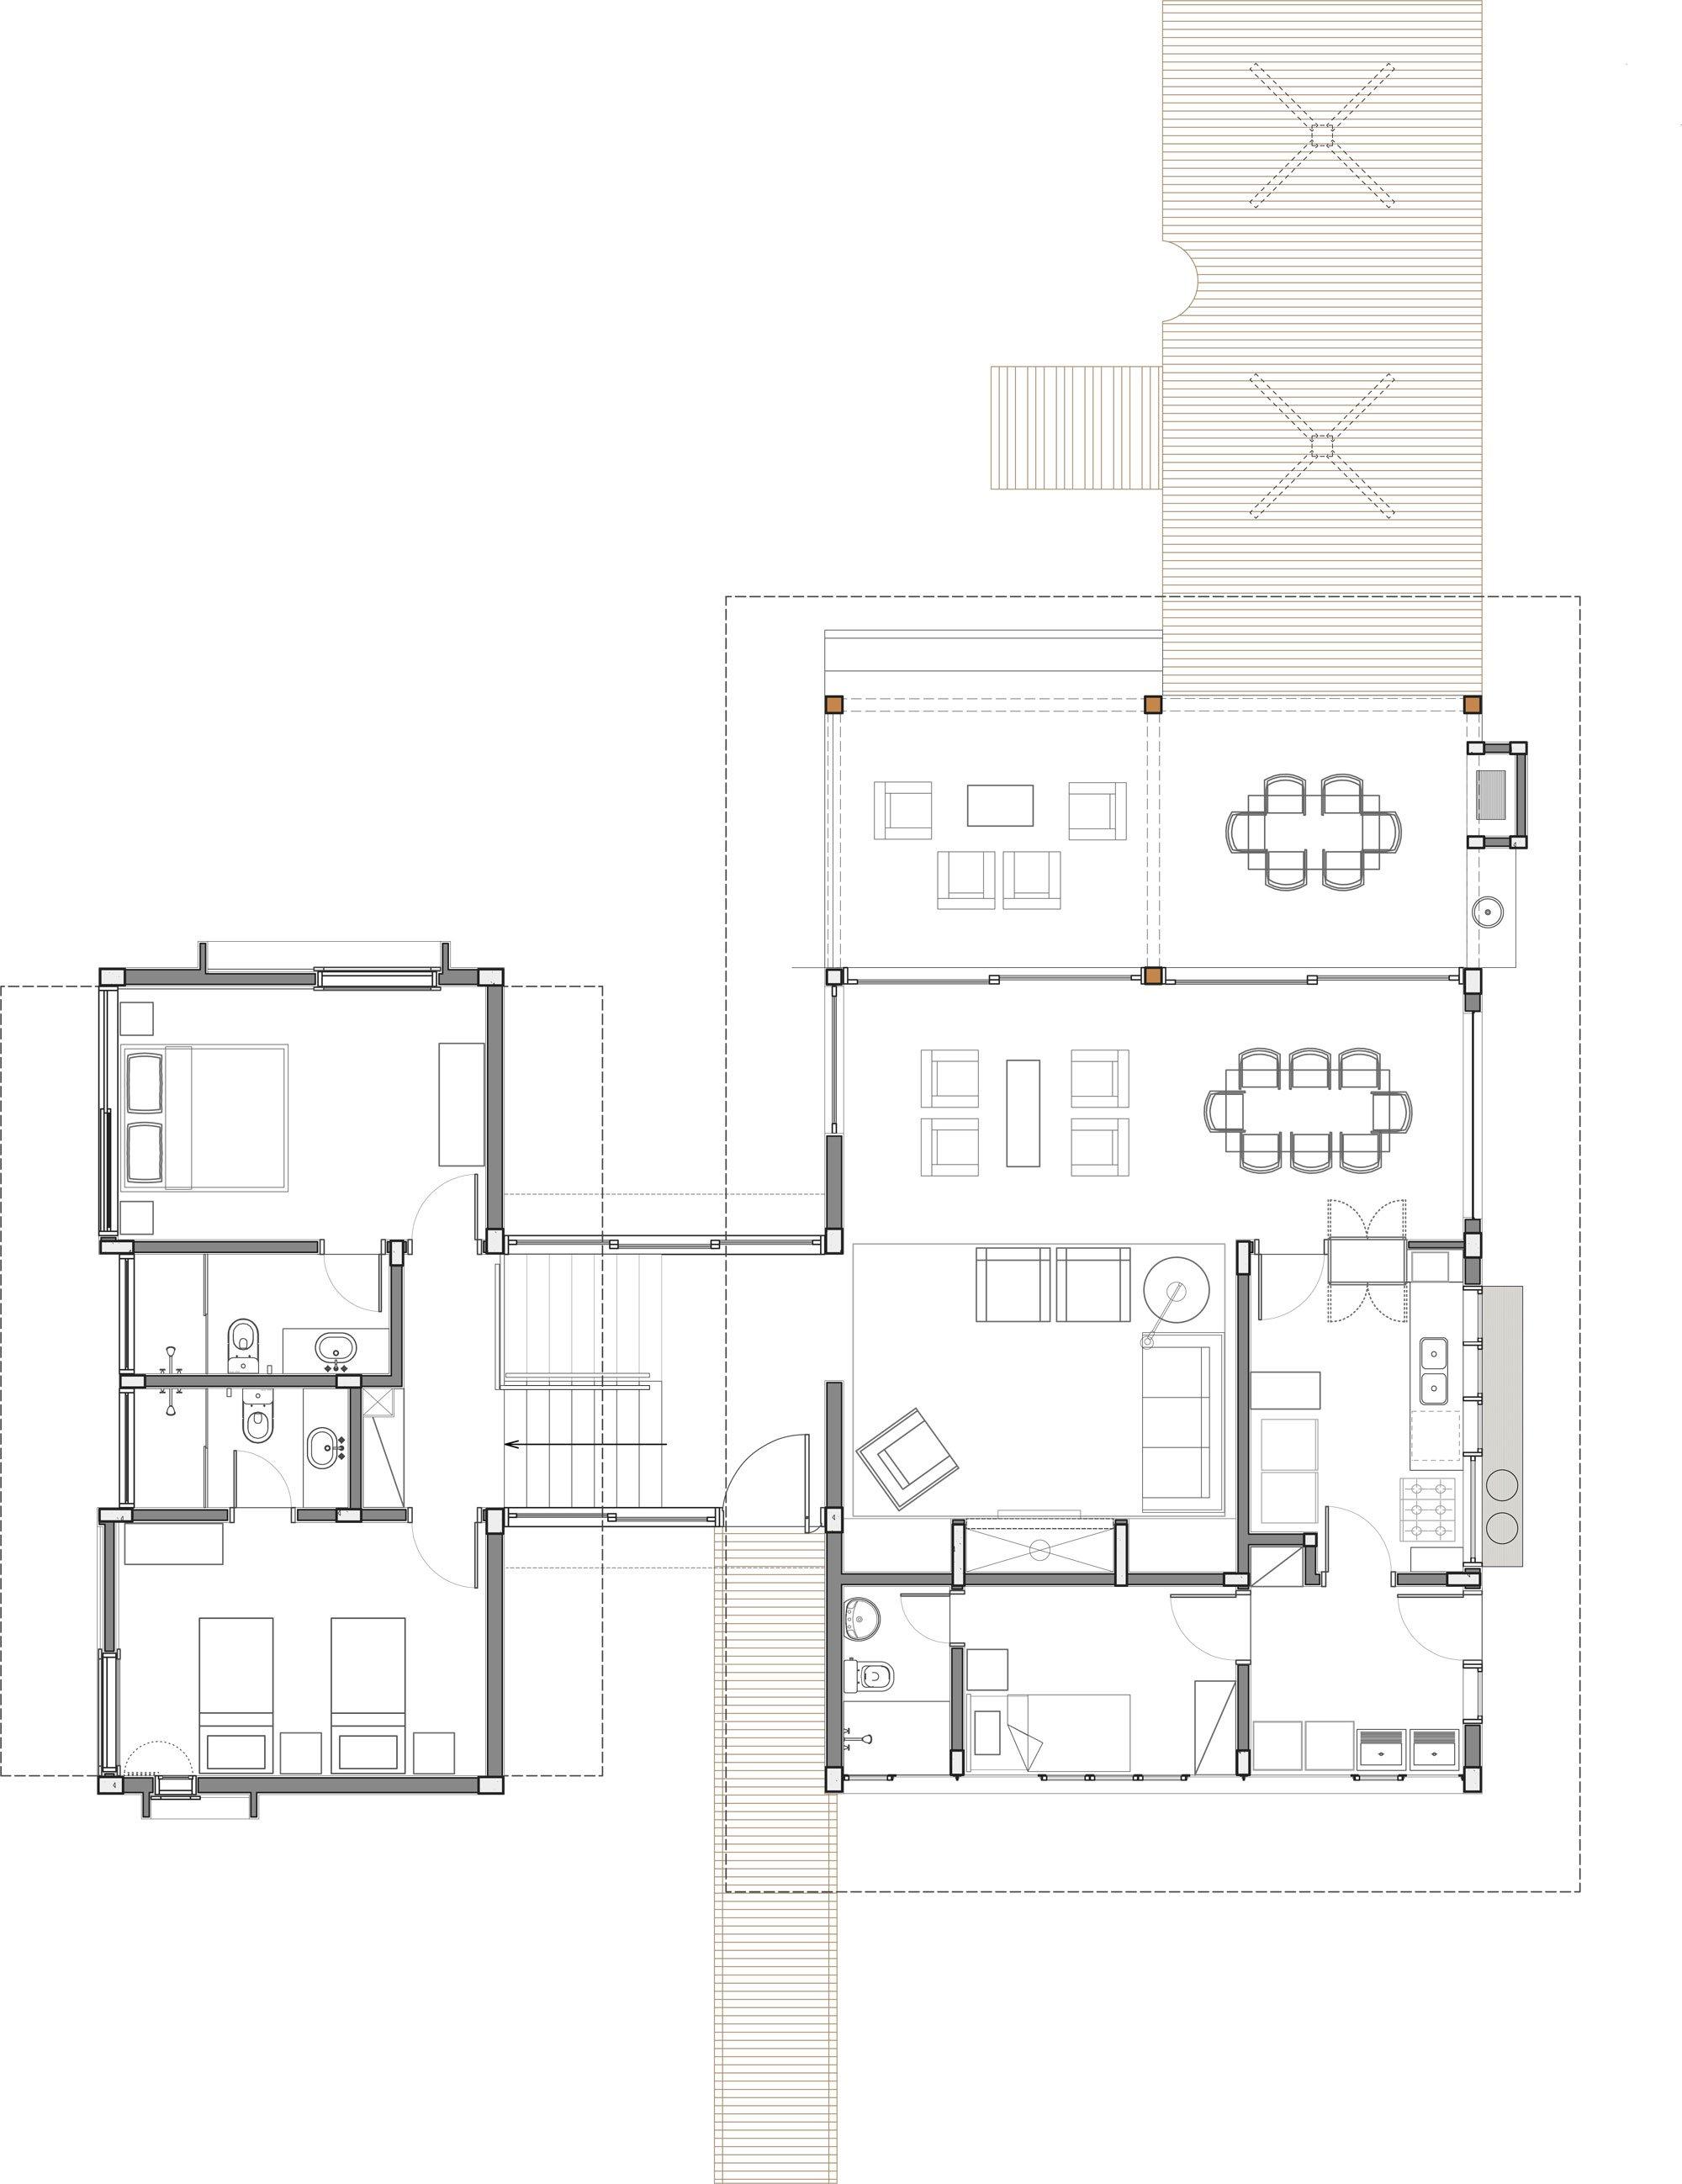 Hermosa fachada de casa de campo moderna planos de for Planos de casas de campo modernas